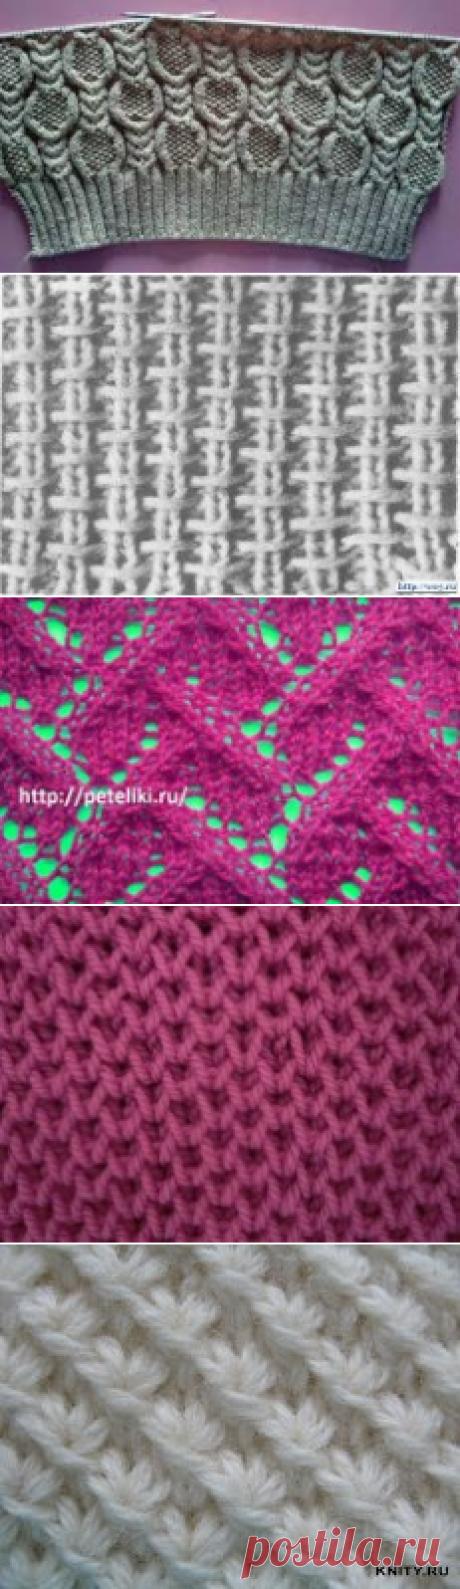 объемные узоры спицами схемы и описание - 40 картинок. Поиск Mail.Ru